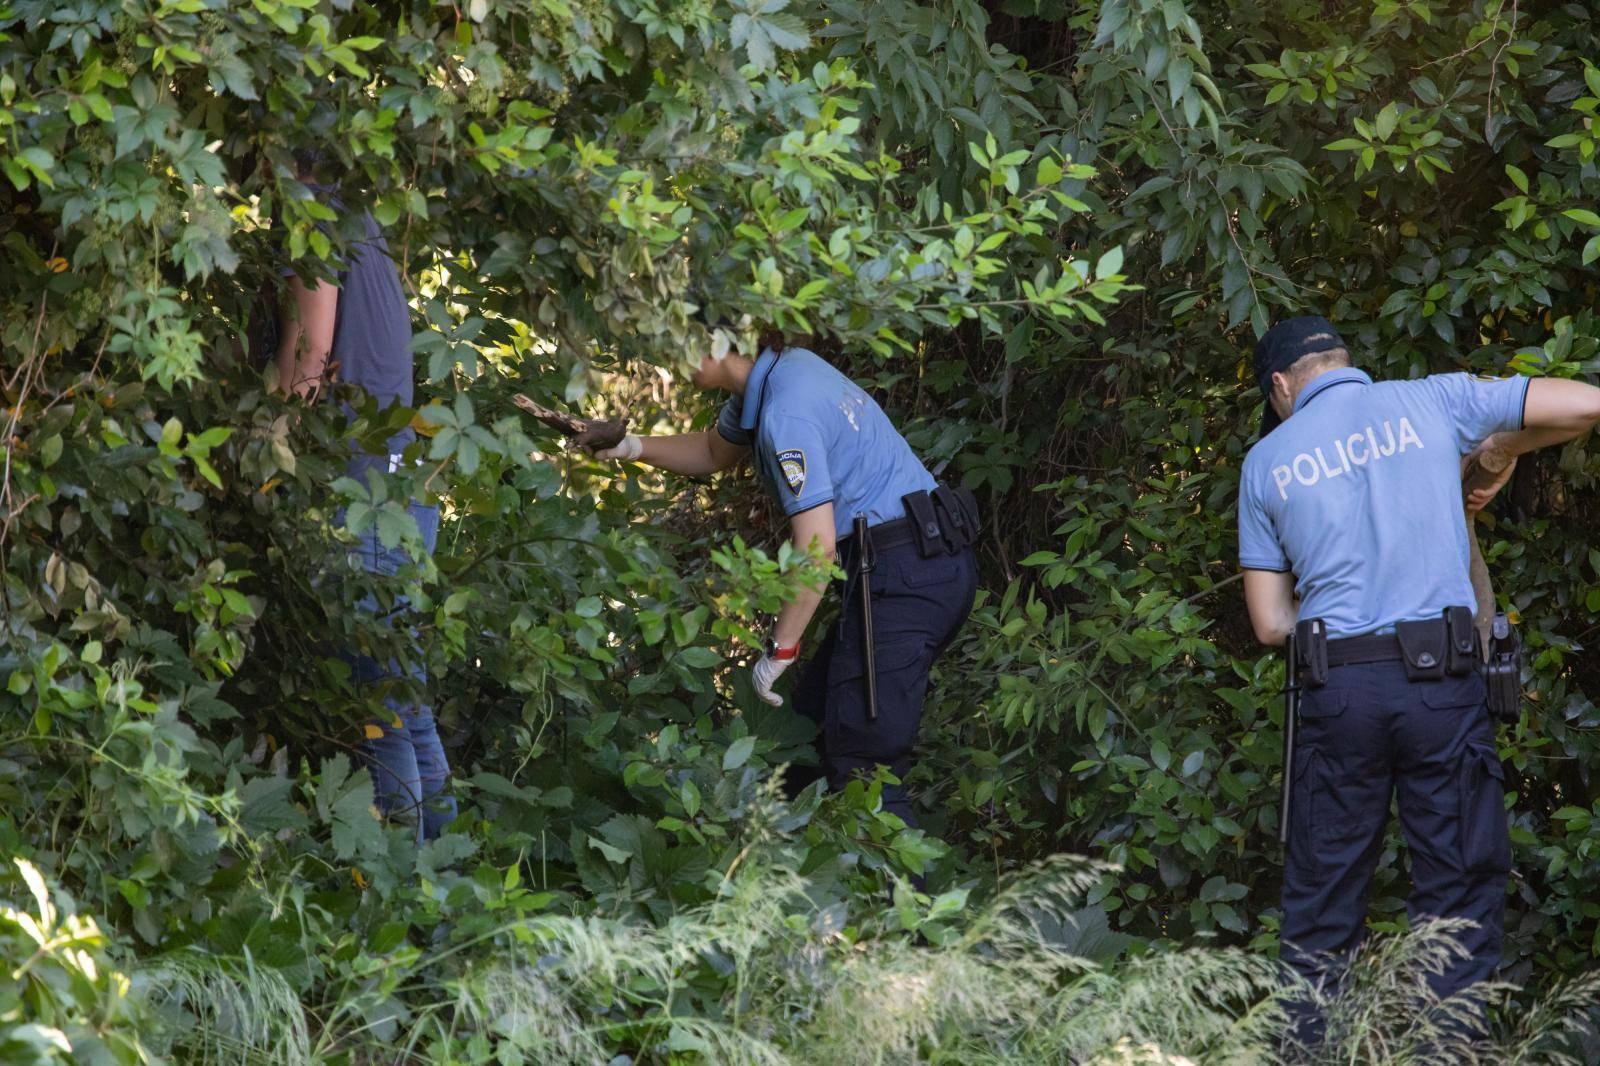 Dubrovnik: Sin u obiteljskoj kući pucao na roditelje,  očevid je u tijeku